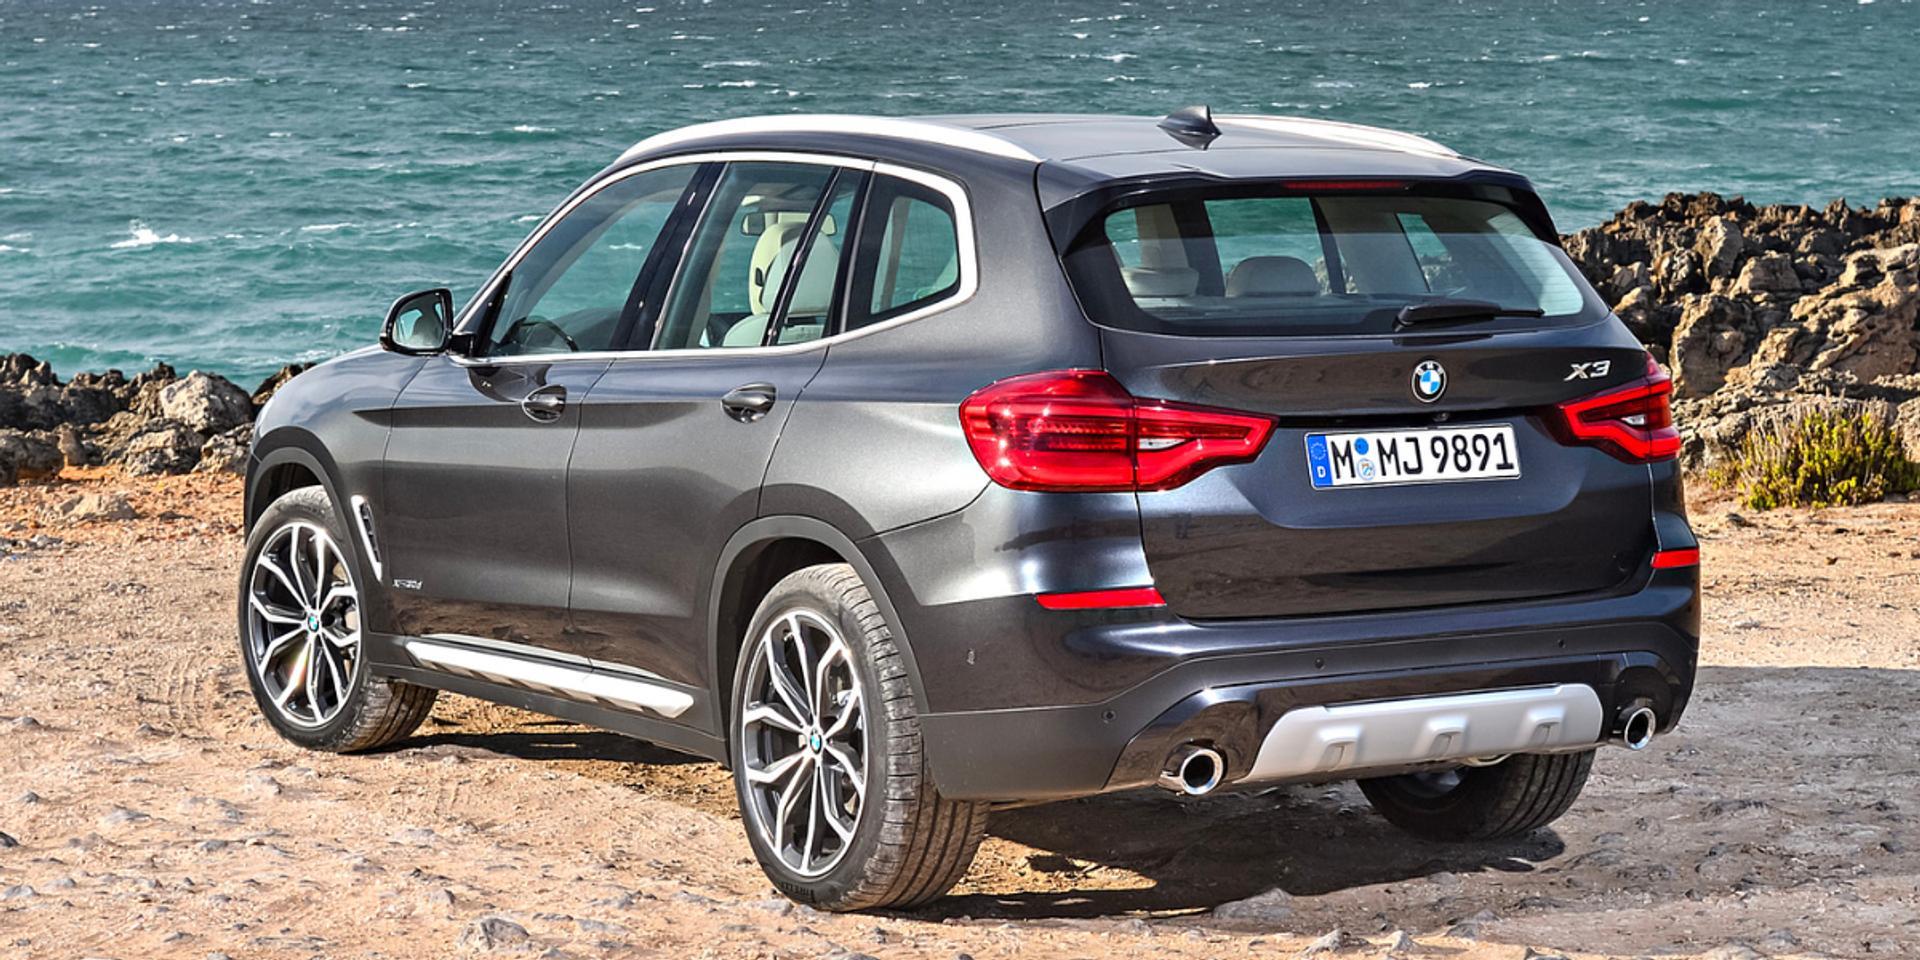 BMW X3 rear view